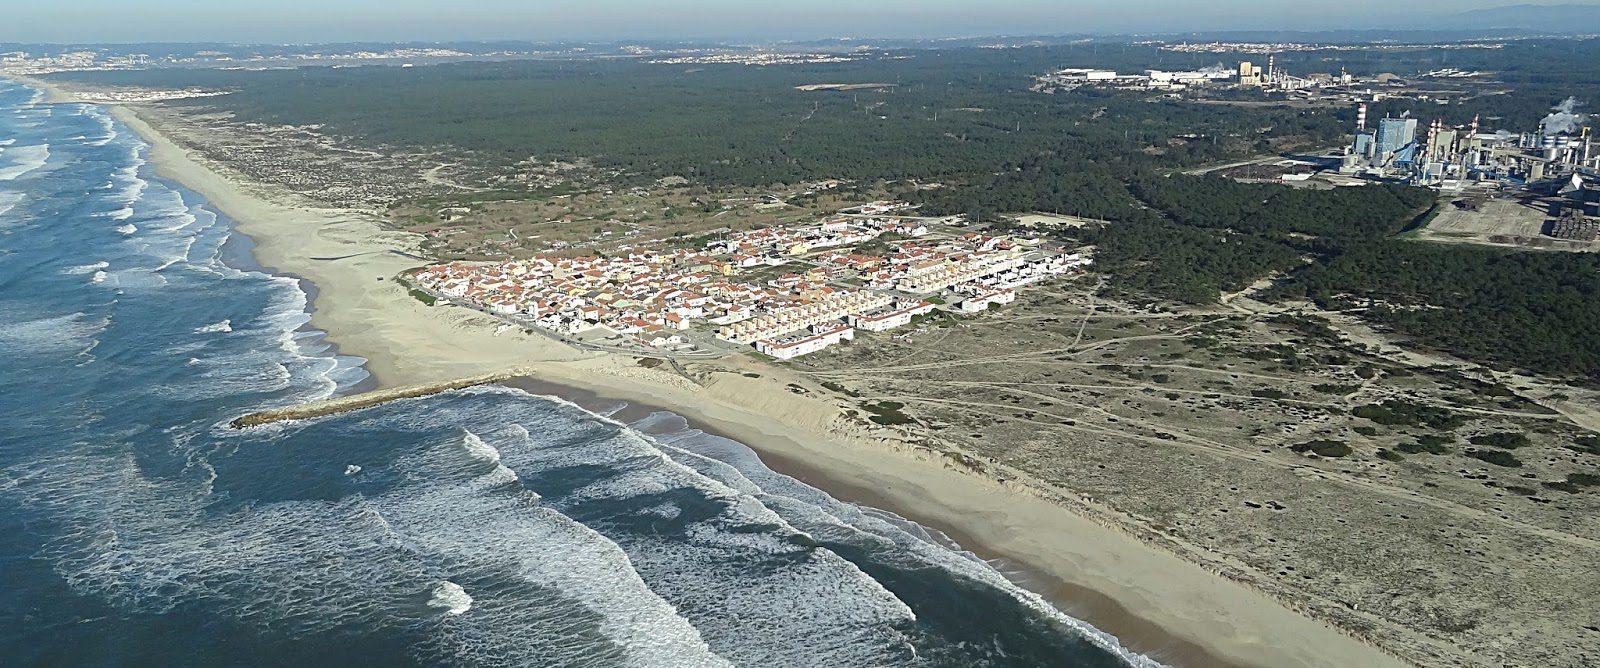 Vista aérea da Praia da Leirosa. Crédito foto: A Terceira Dimensão.